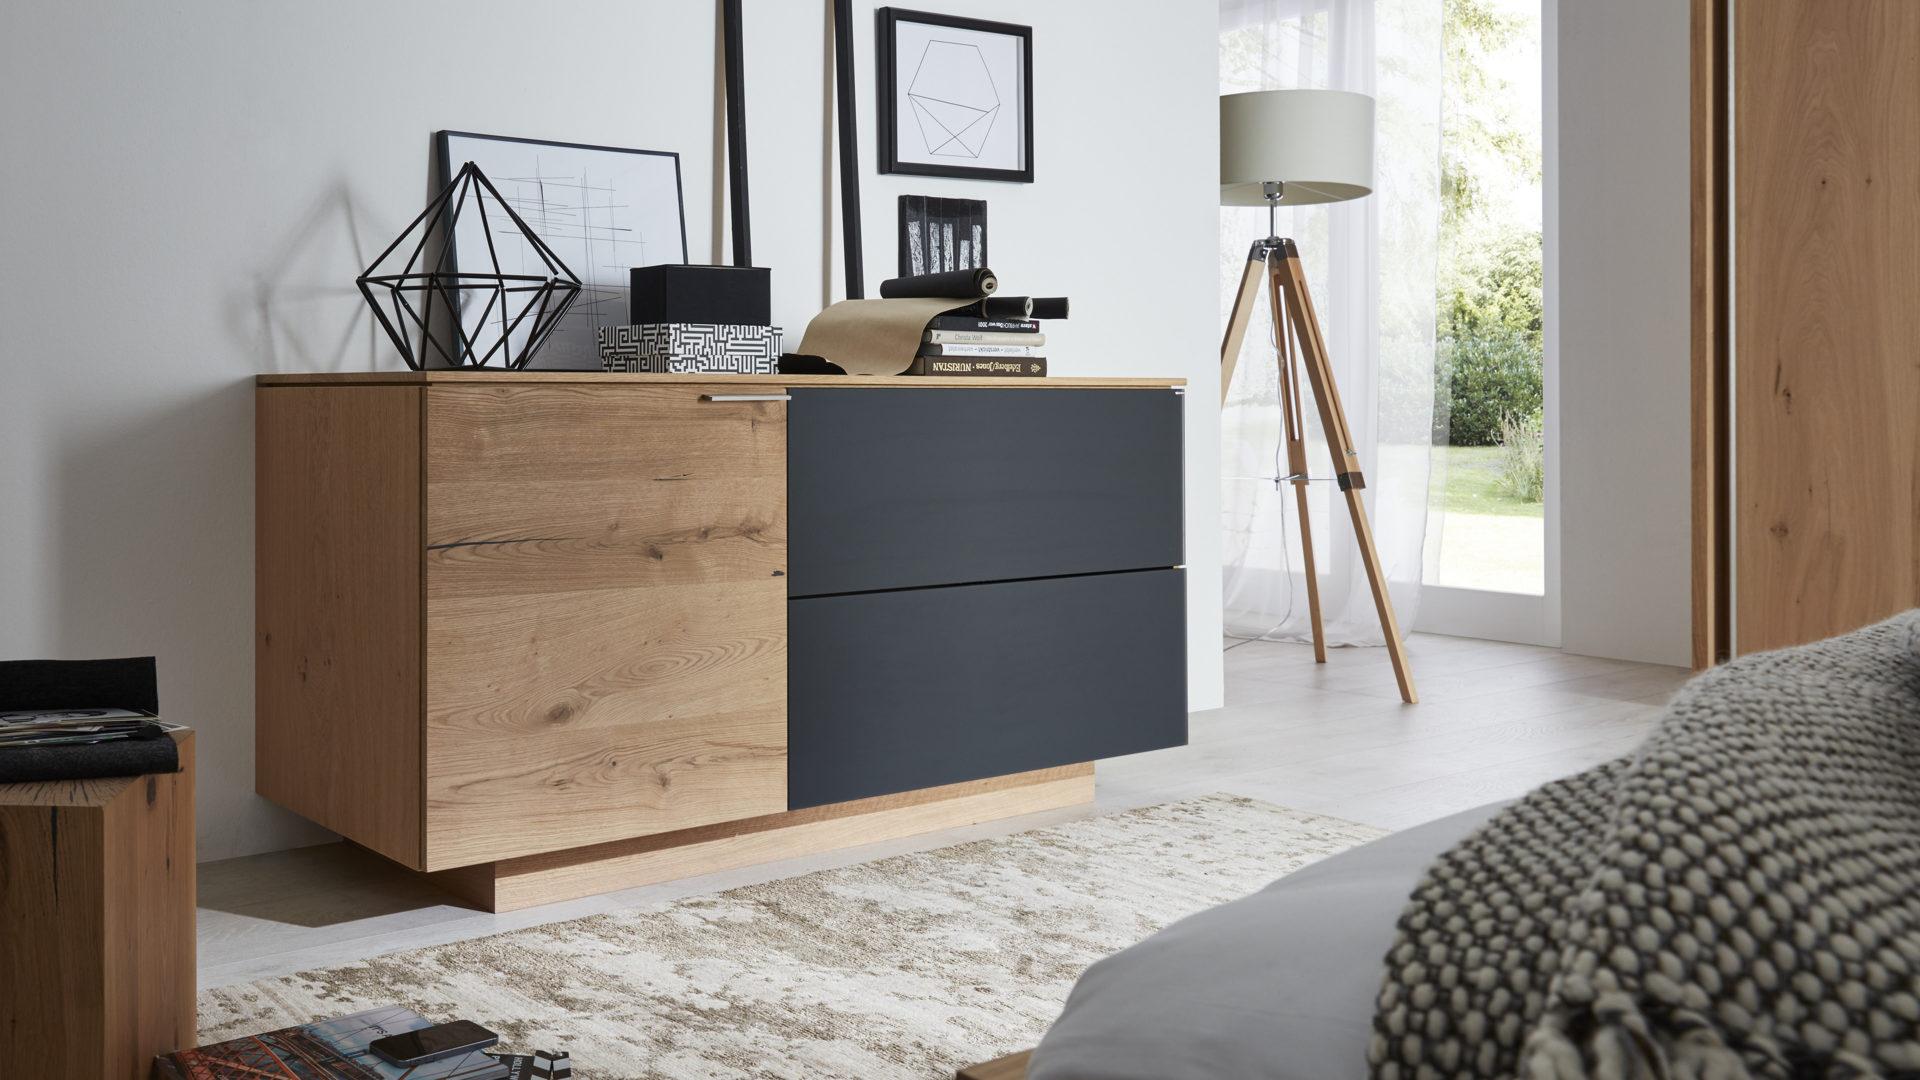 Interliving Schlafzimmer Serie 15 – Kommode, Alteiche Rustiko & Anthrazit  – eine Tür, zwei Schubladen